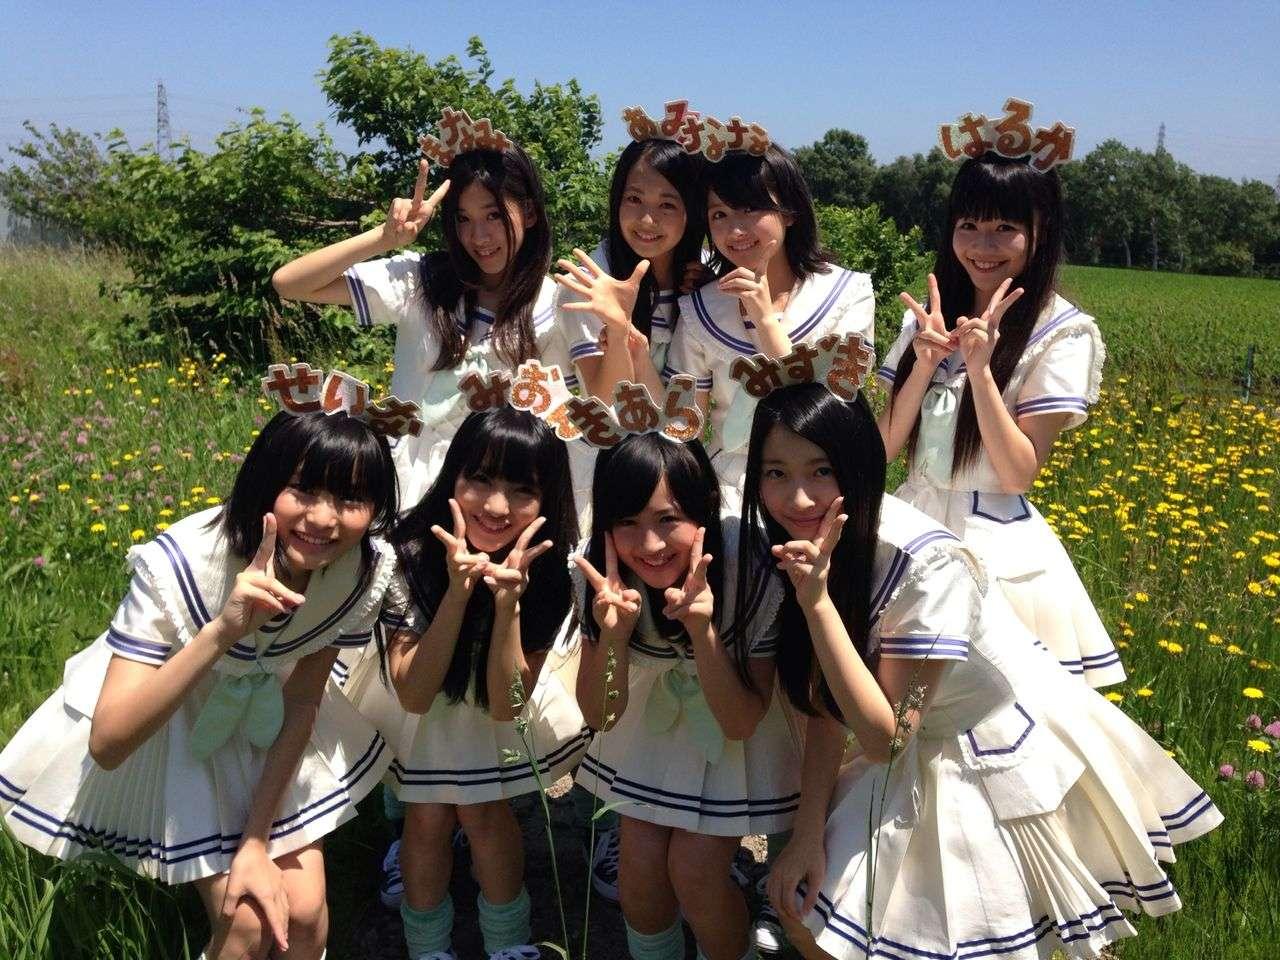 AKB48第15期研究生(平均年齢13.6歳)の名前が読めないと話題! 「妃星」「美音」「聖菜」